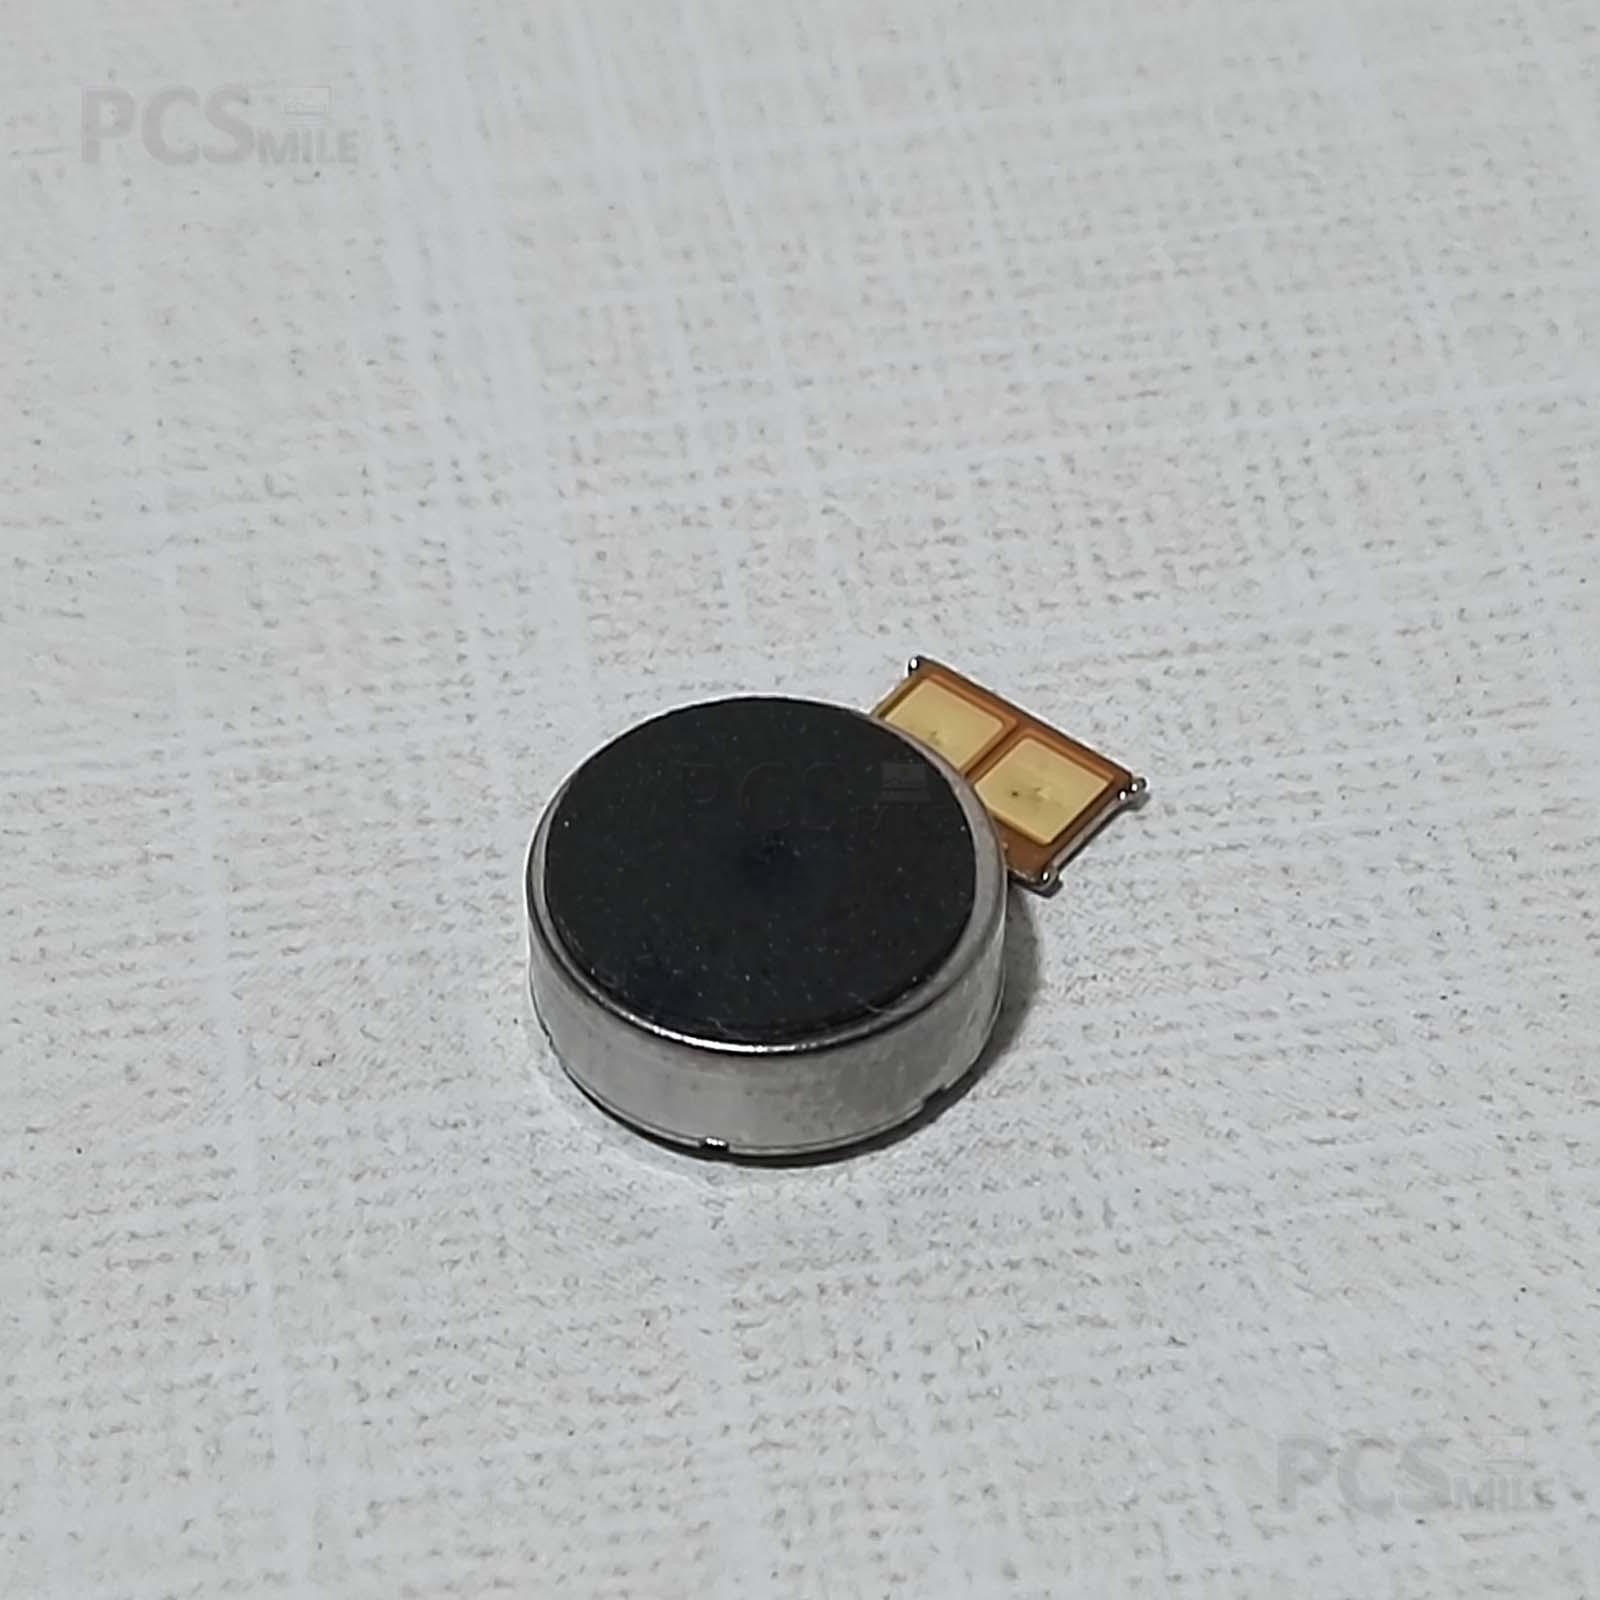 Motorino vibrazione originale Samsung Galaxy J1 Duos SM-J100H/DS Vibracall